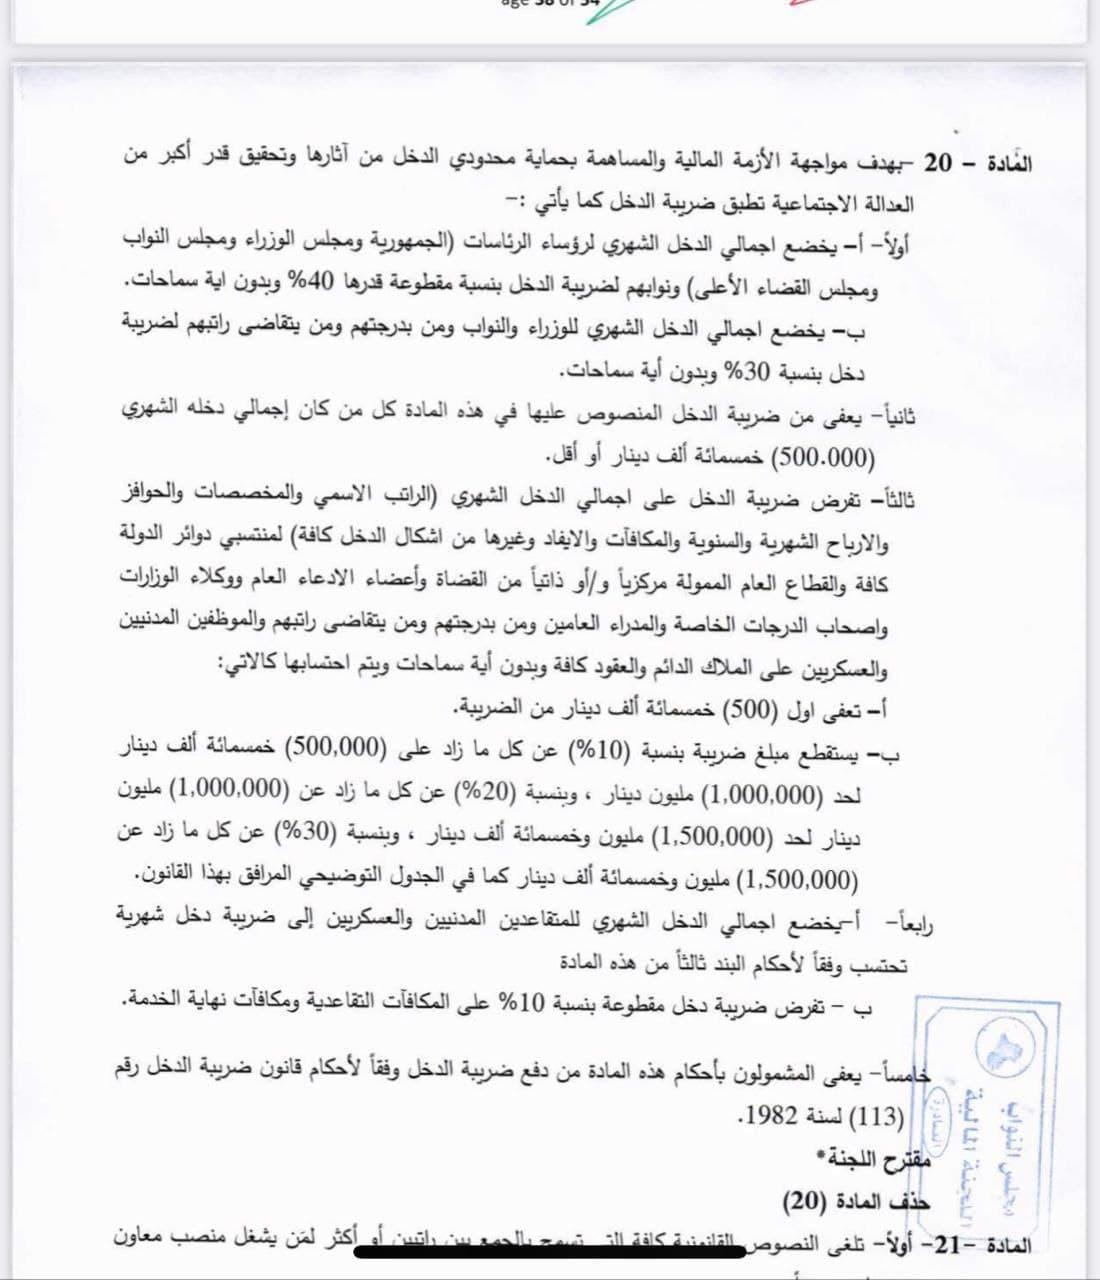 المادة عشرين تخصم مبالغا كبيرا من رواتب الدرجات الخاصة.. صورة من وكالة الأنباء العراقية